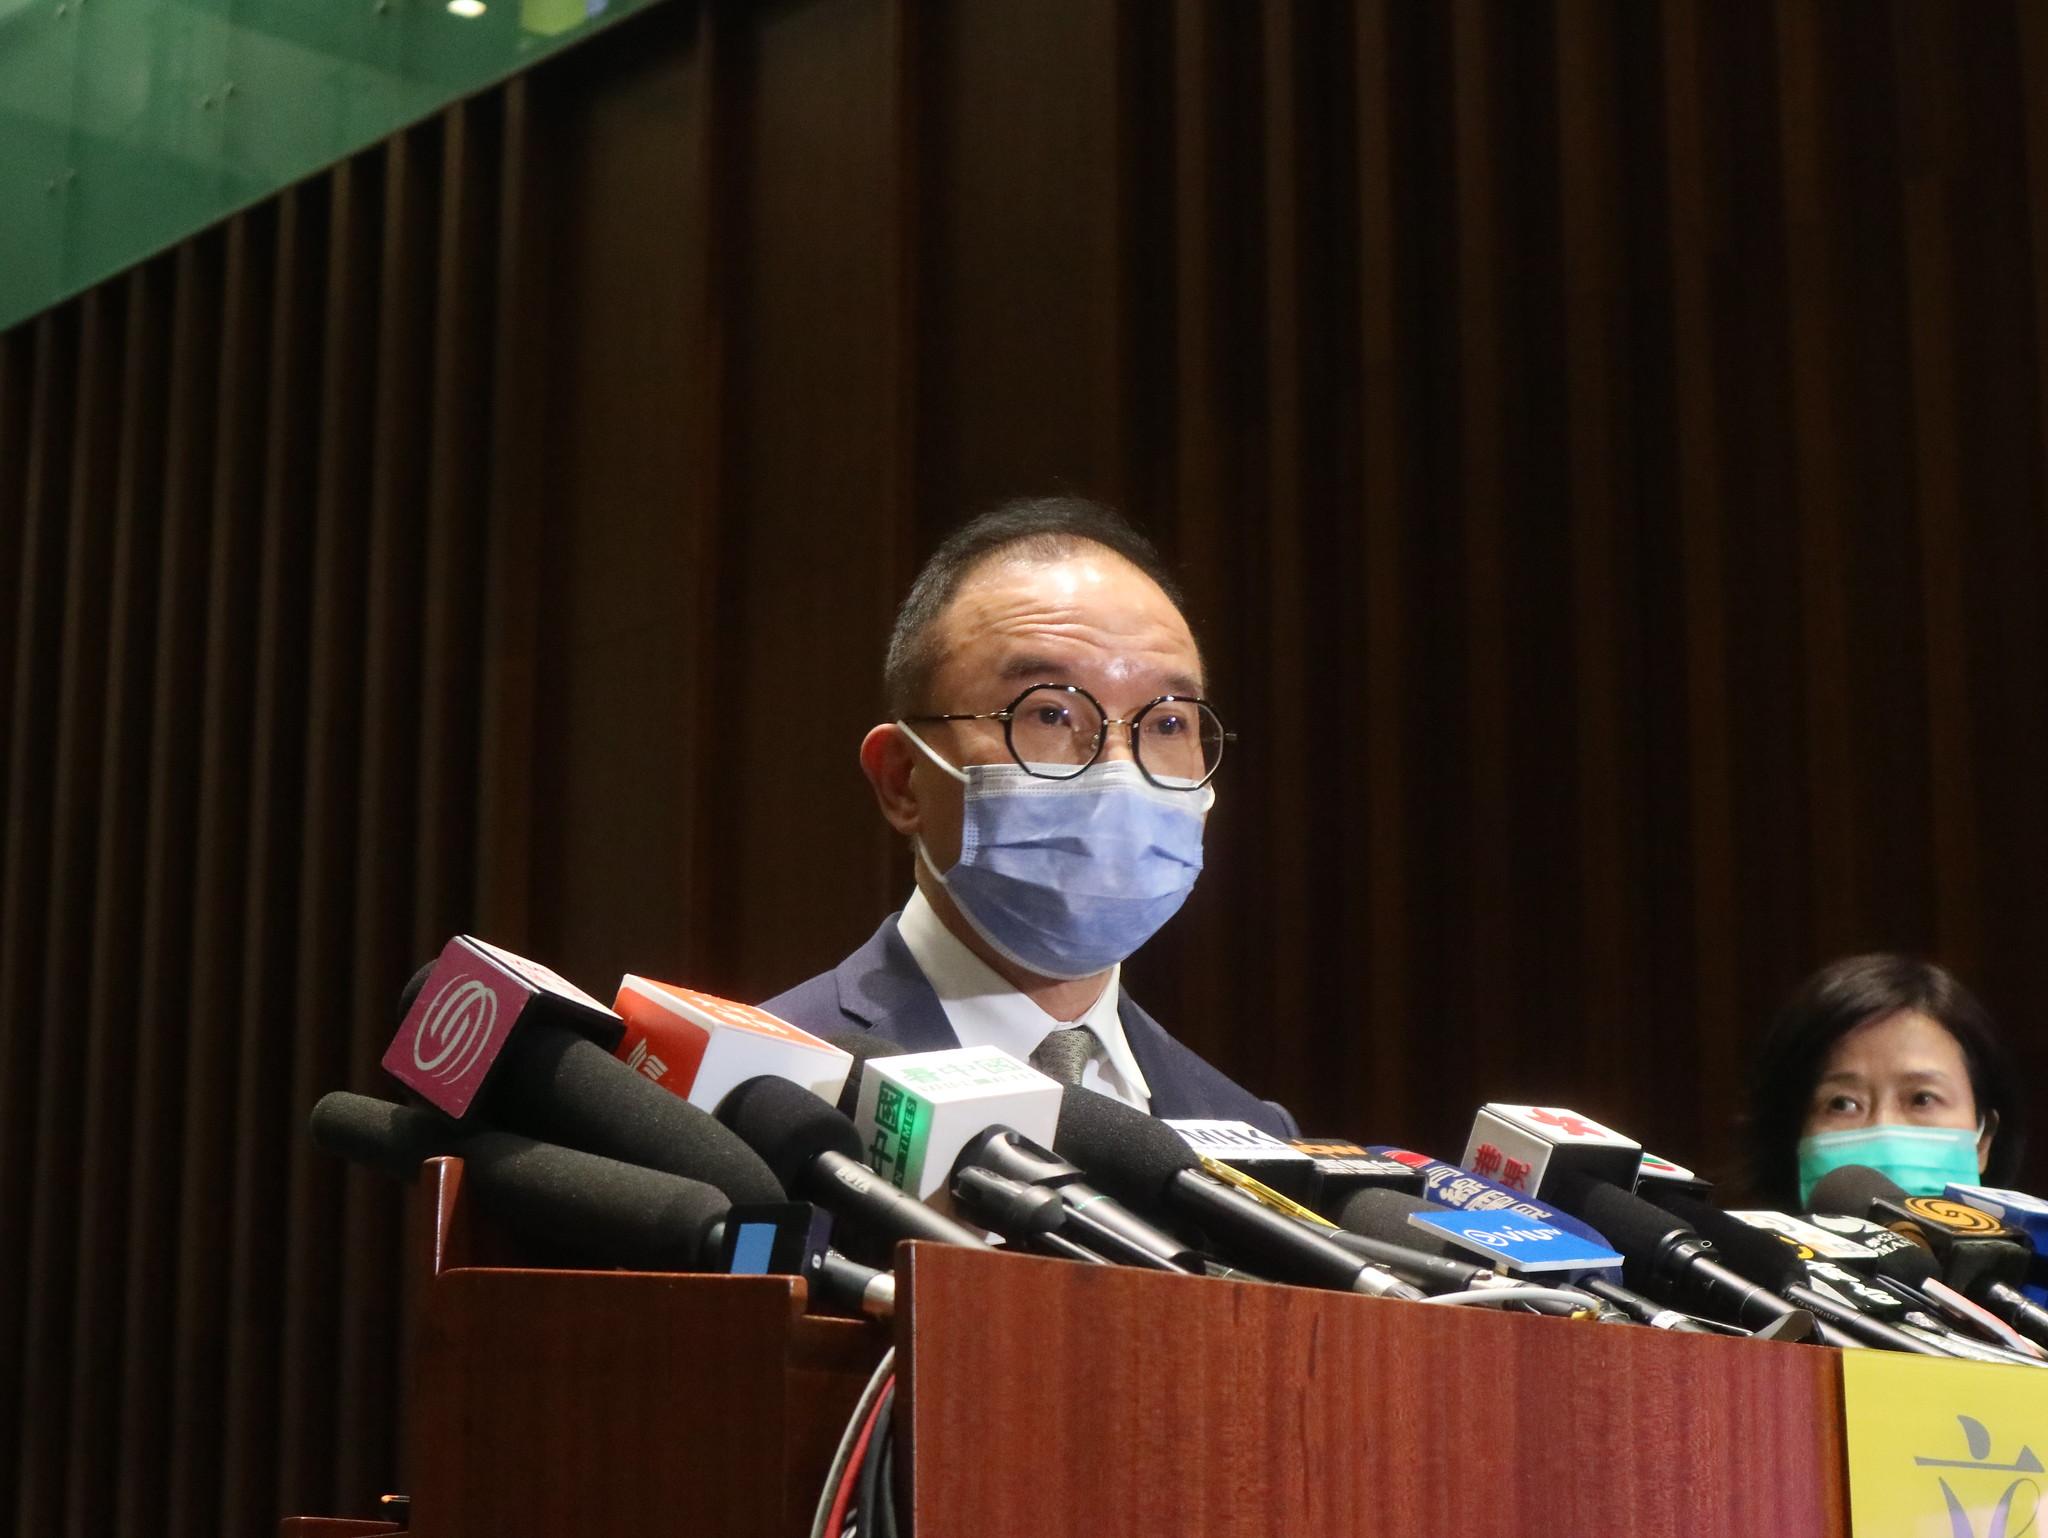 Erick Tsang